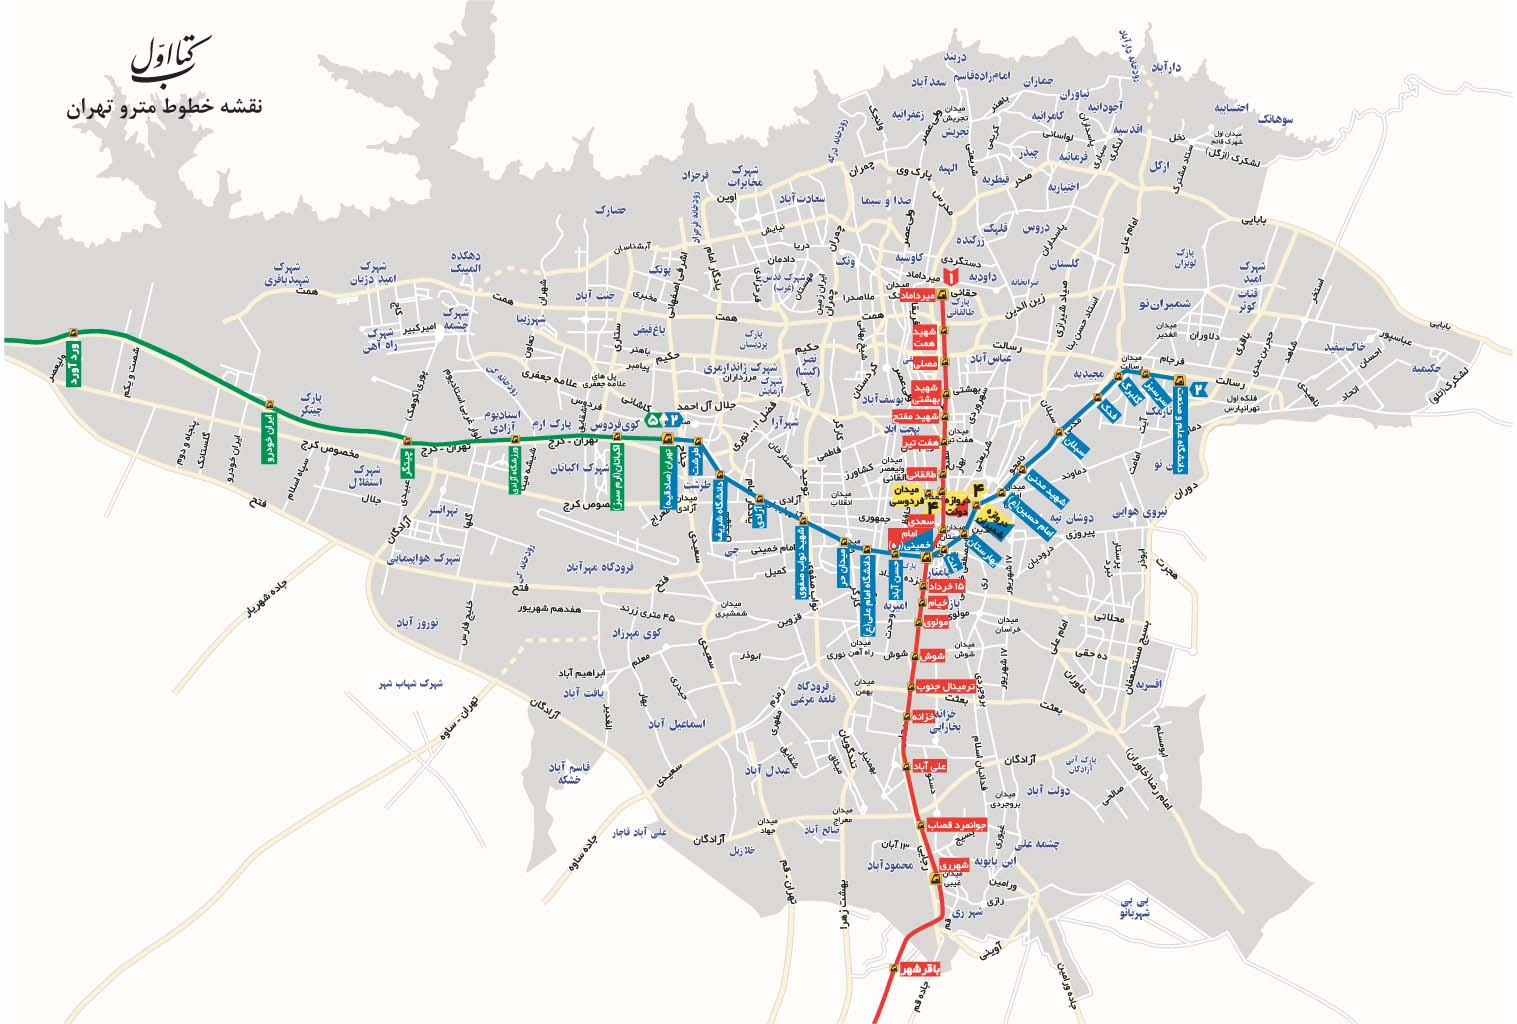 نزدیک ترین مترو به بیمارستان گاندی مترو تهران.